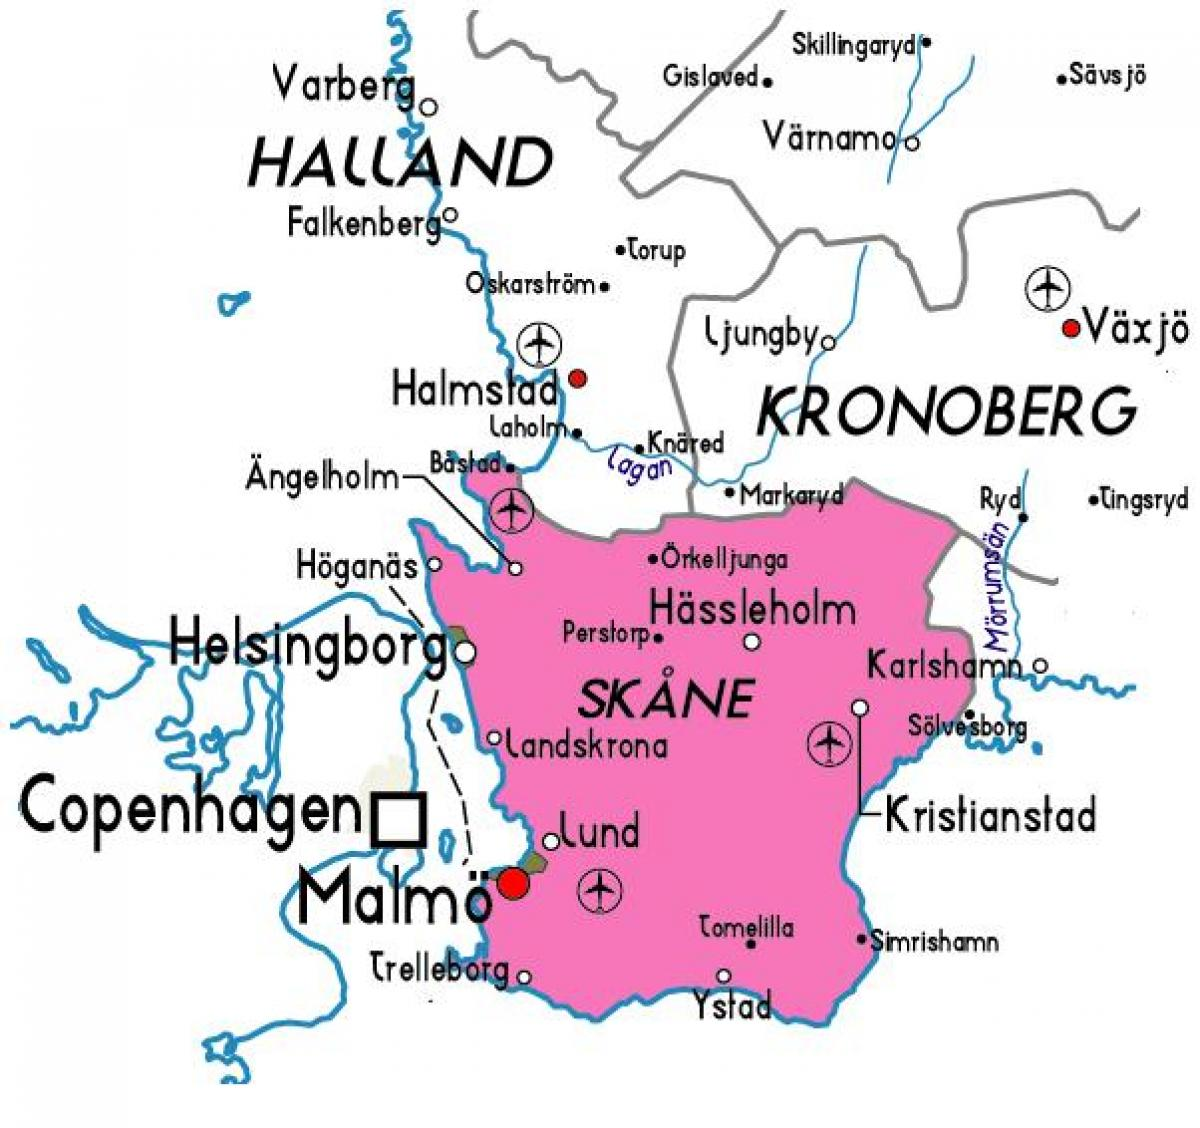 skåne sverige kart Skane, Sverige kart   Kart over Skåne i Sverige (Nord Europa   Europa) skåne sverige kart